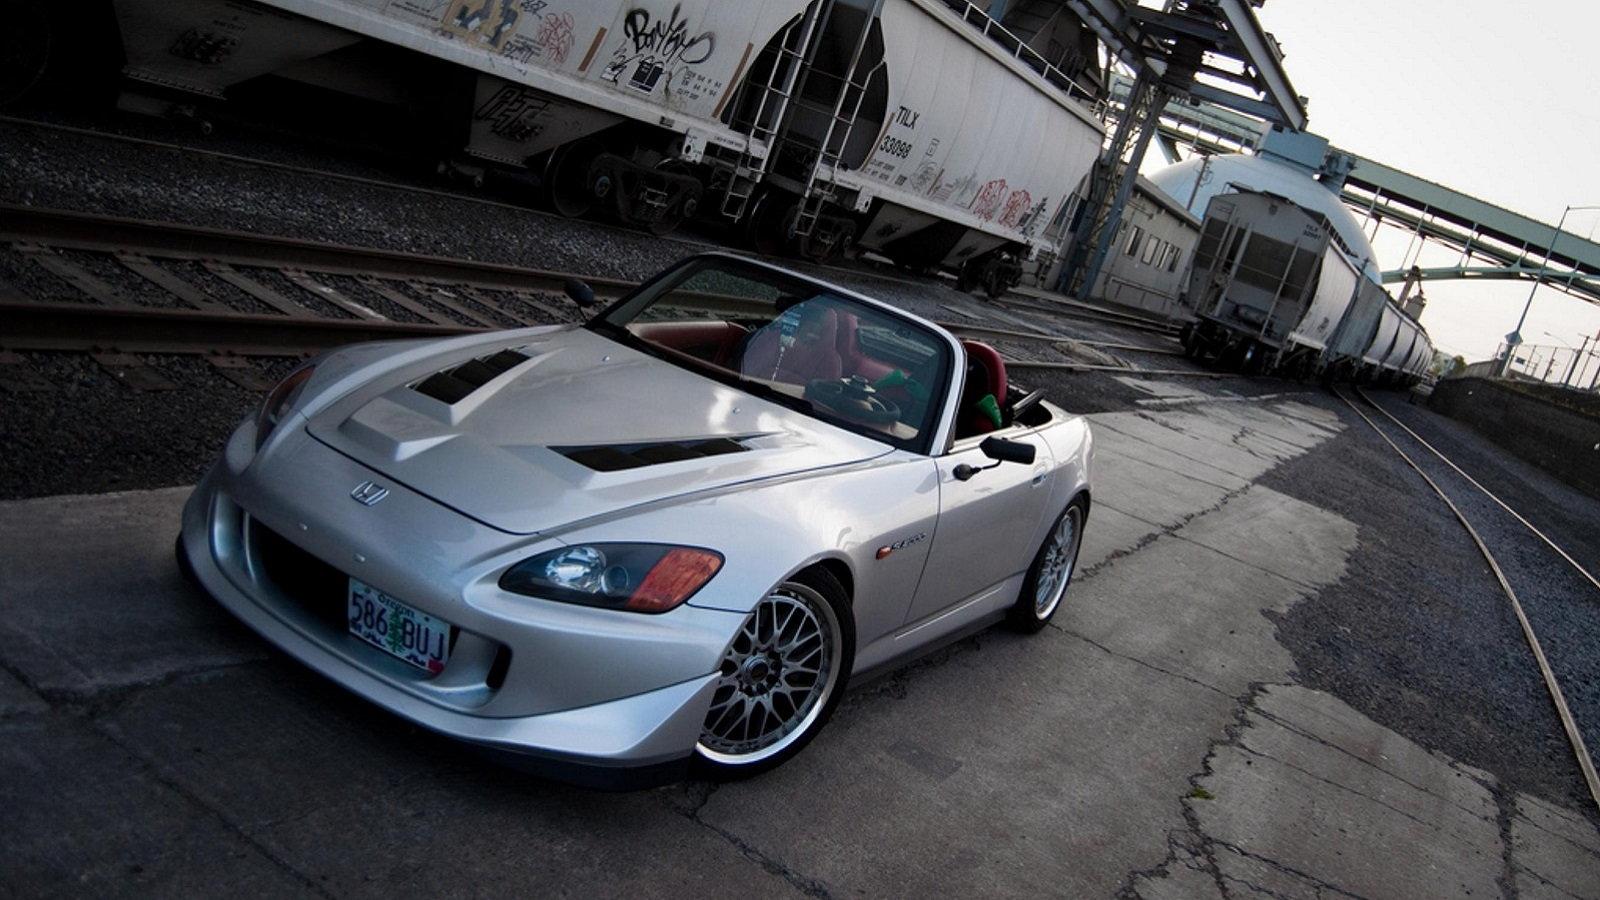 tomsport's 2002 Sebring Silver S2ki